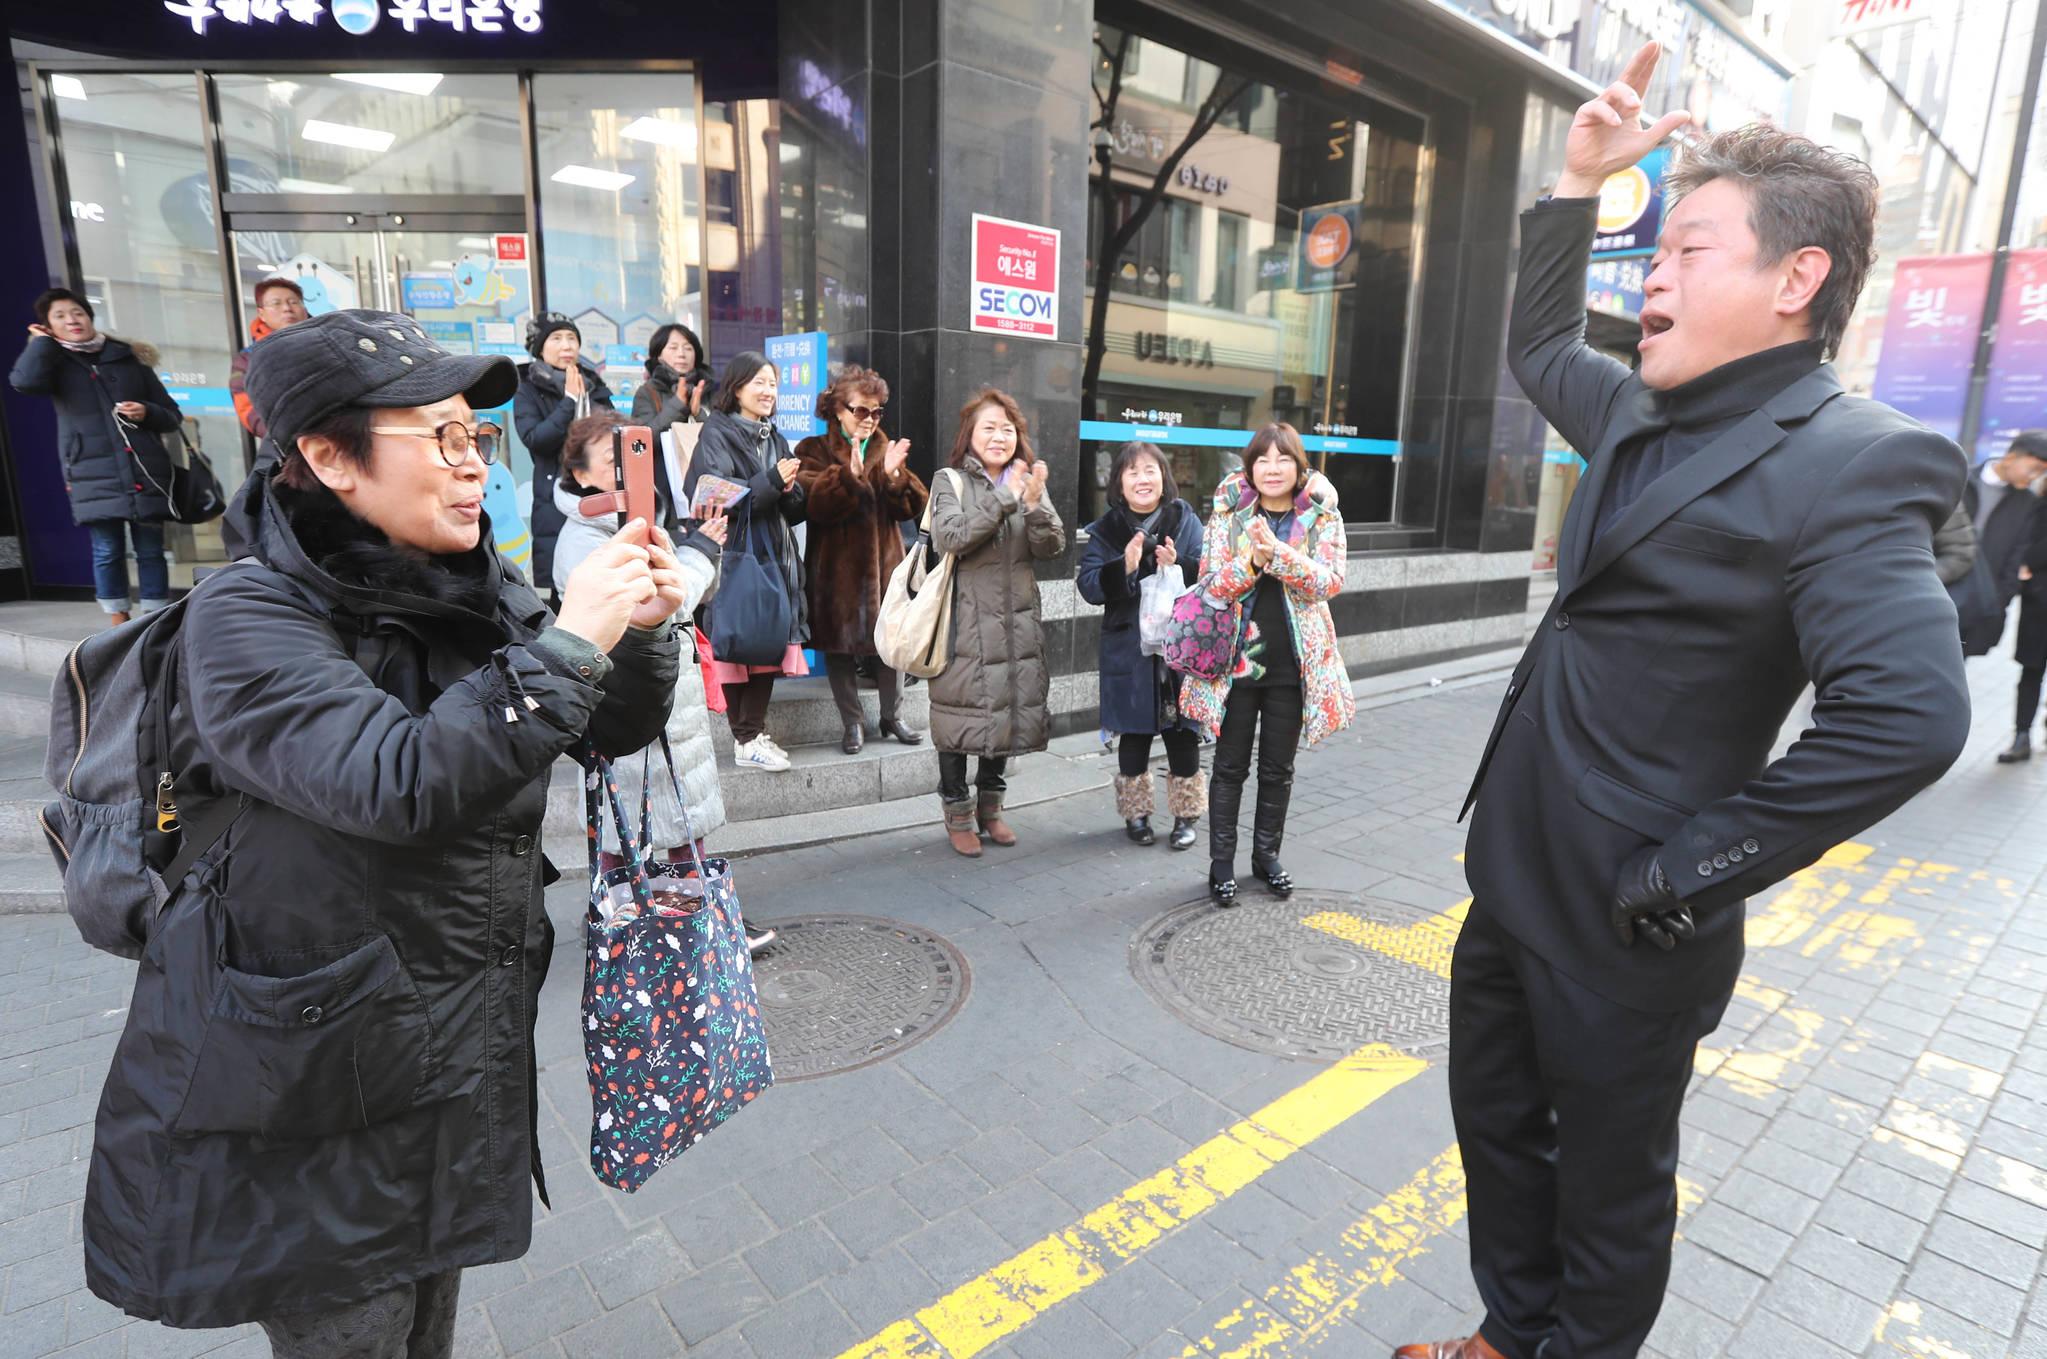 '자 찍으세요' 열정적으로 노래하는 모습을 한 관객이 사진찍고 있다. 신인섭 기자